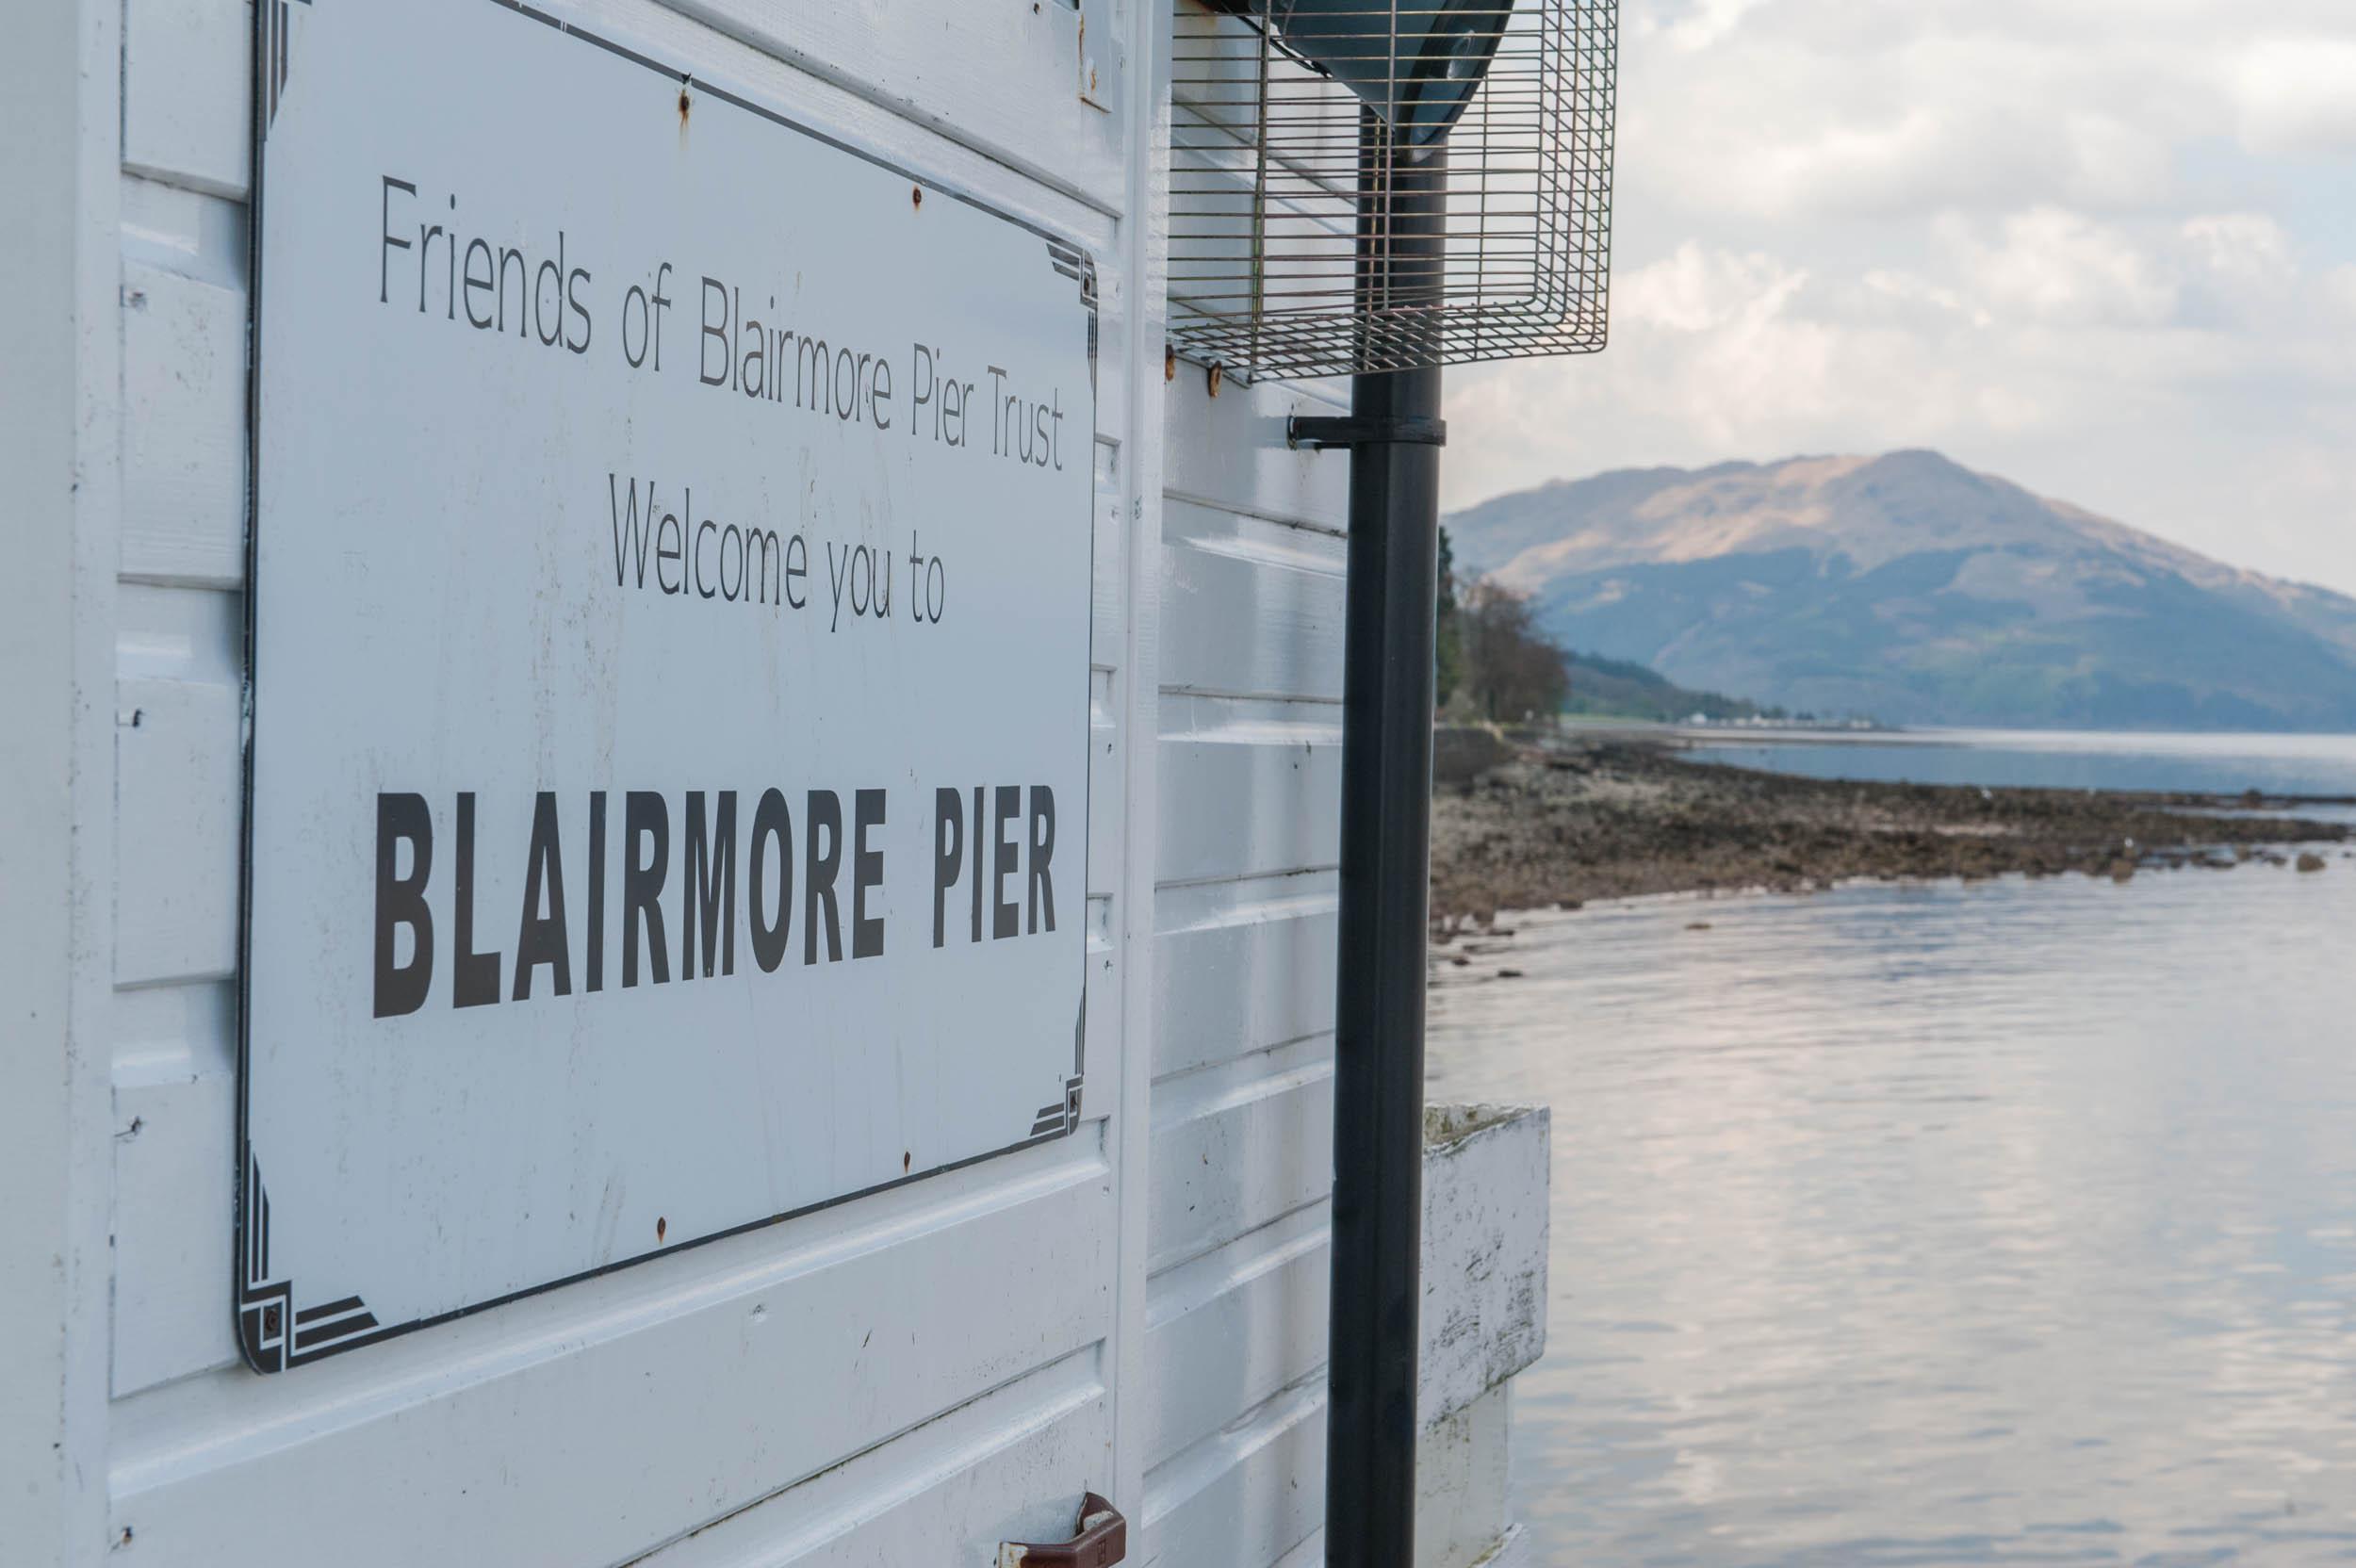 Blairmore Pier, Cowal, Argyll